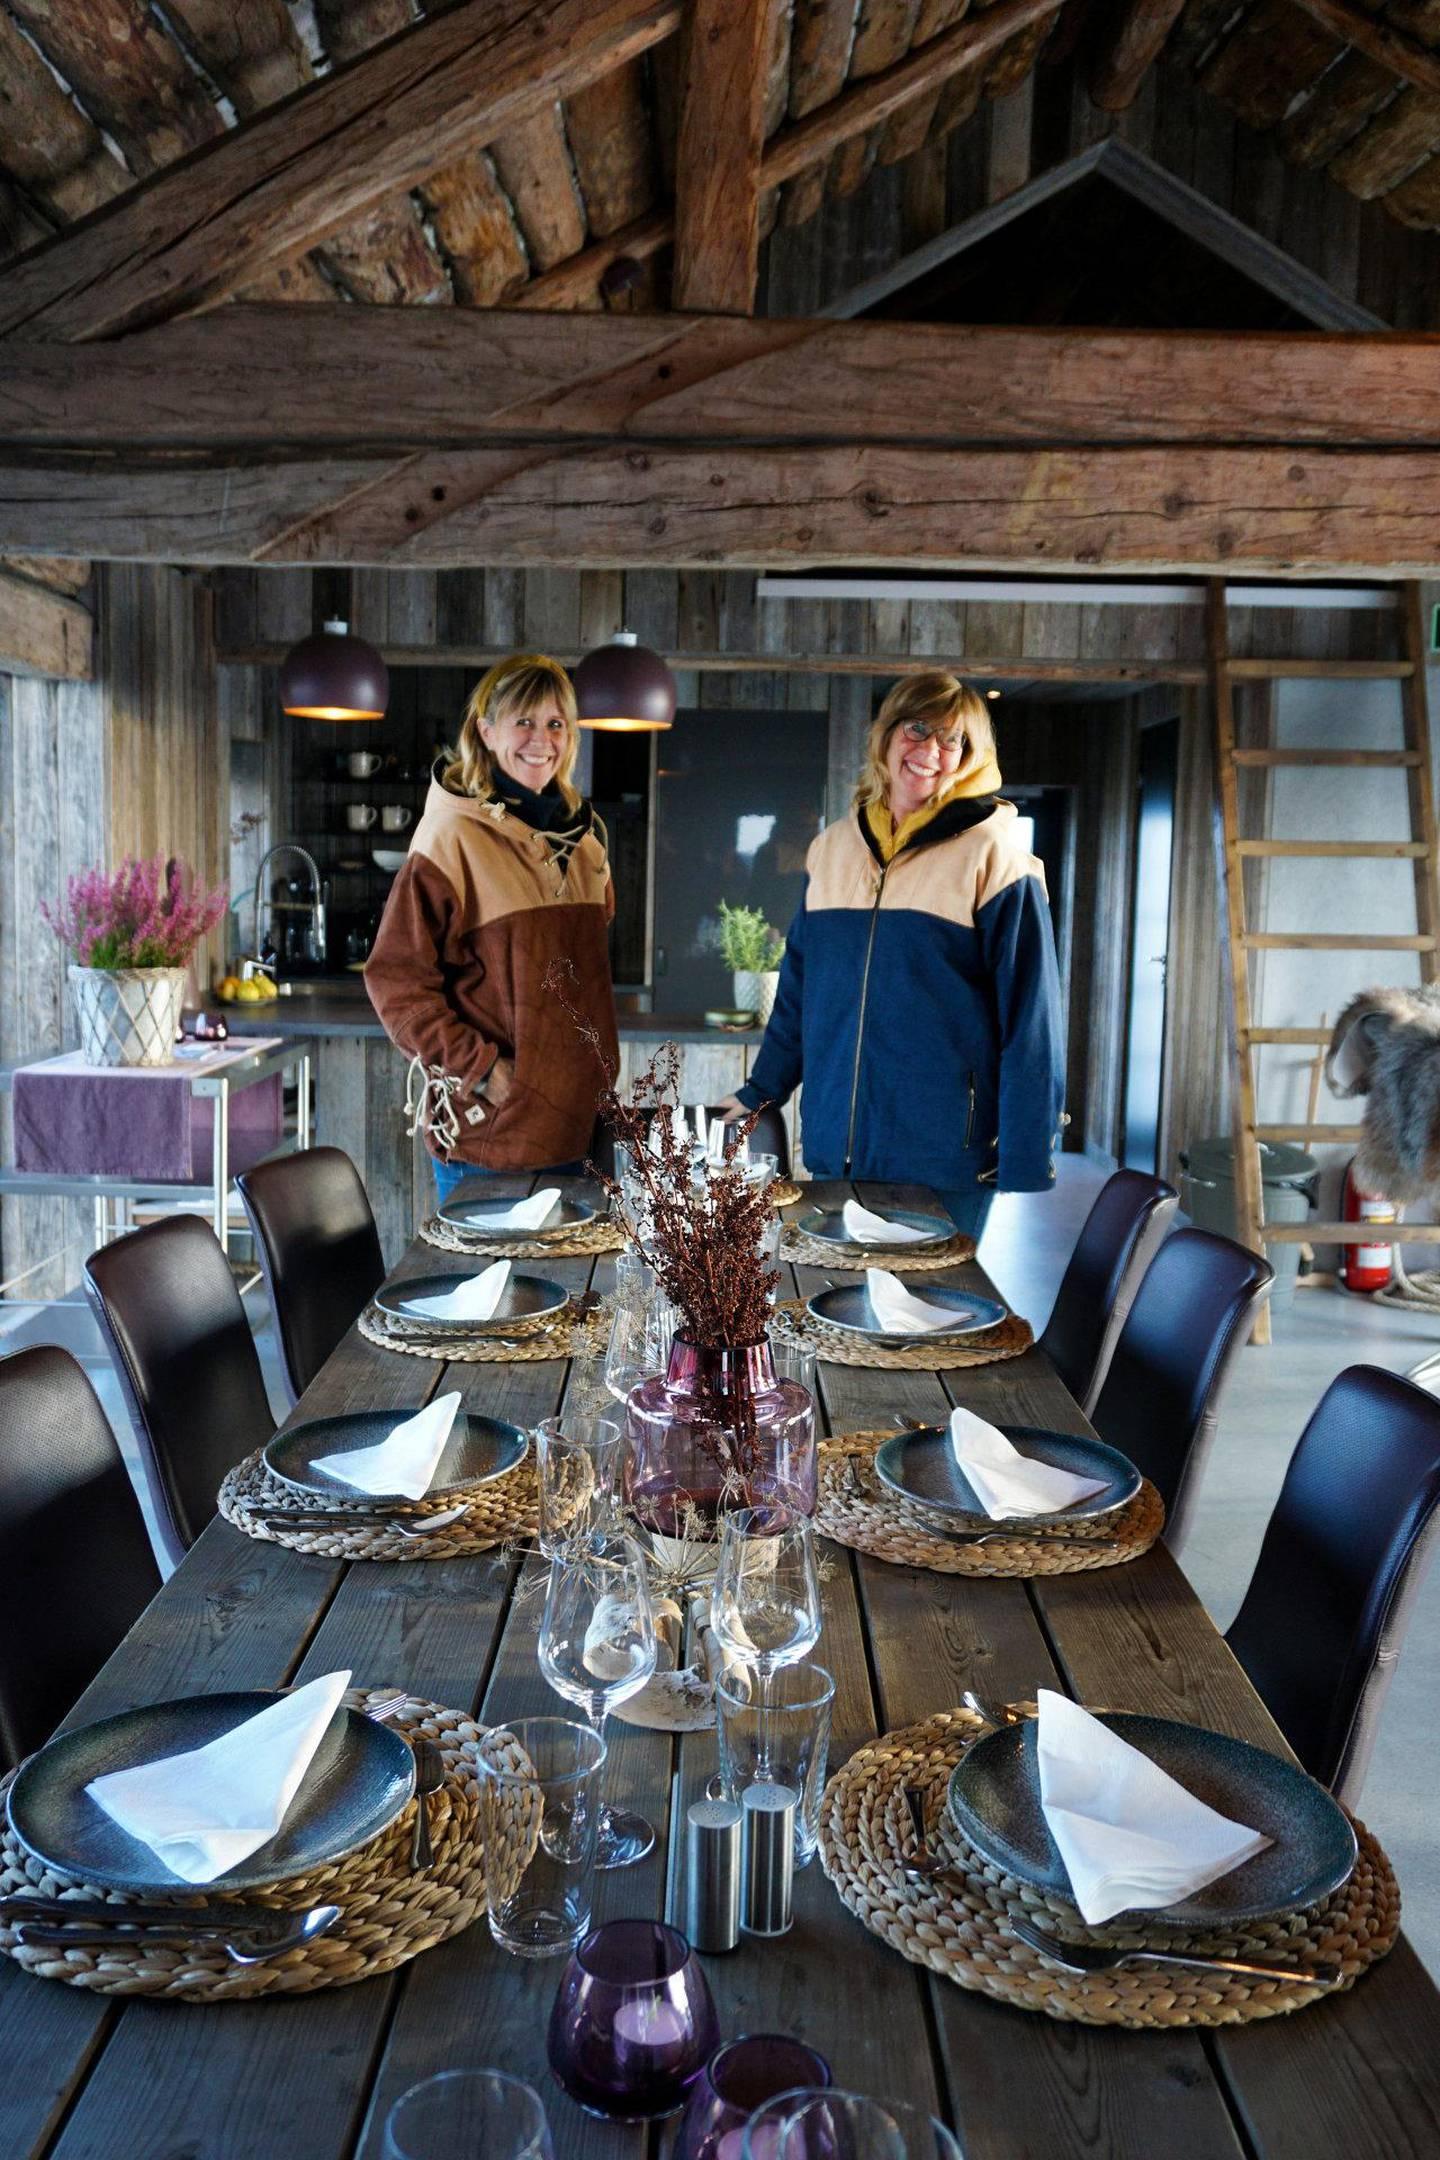 Shipping-søstrene Line Nicolaysen og Hilde Røinås fra Grimstad har pusset opp flere gamle bygninger i fiskeværet, inkludert OlsenNaustet (bildet), og startet Olsens Pensjonat.